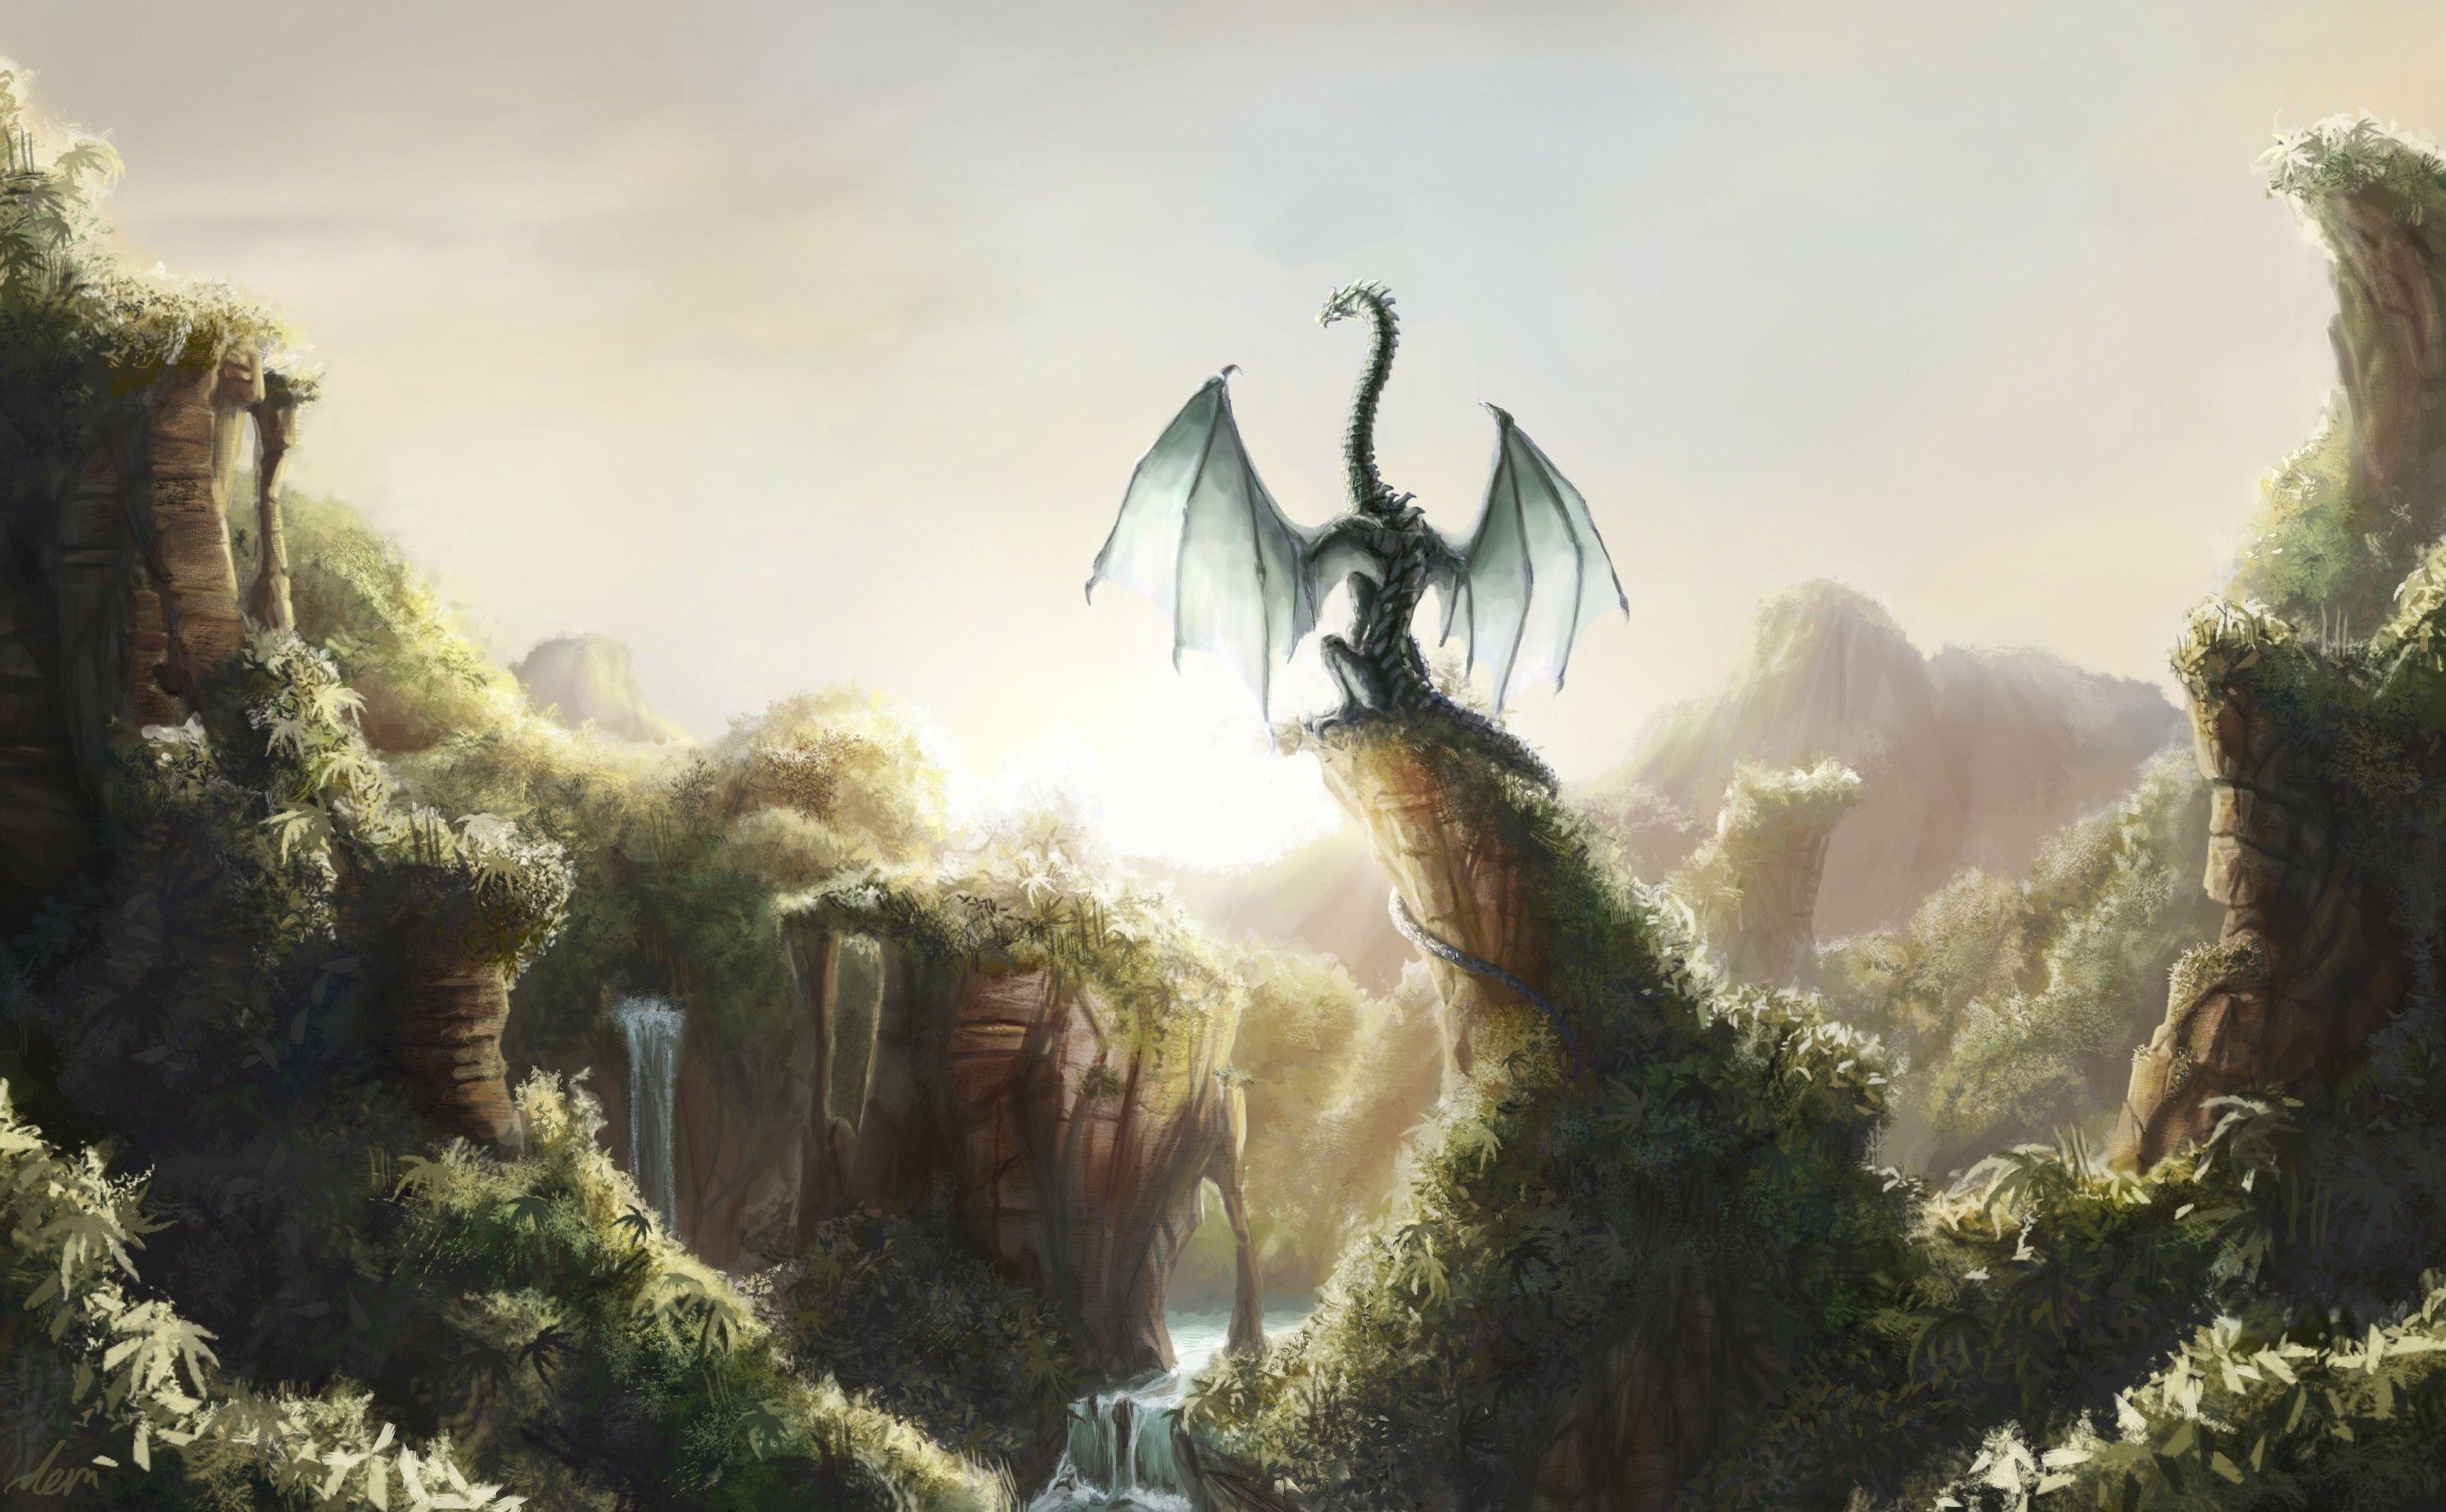 вот картинки с драконами на природе говоря, считаем